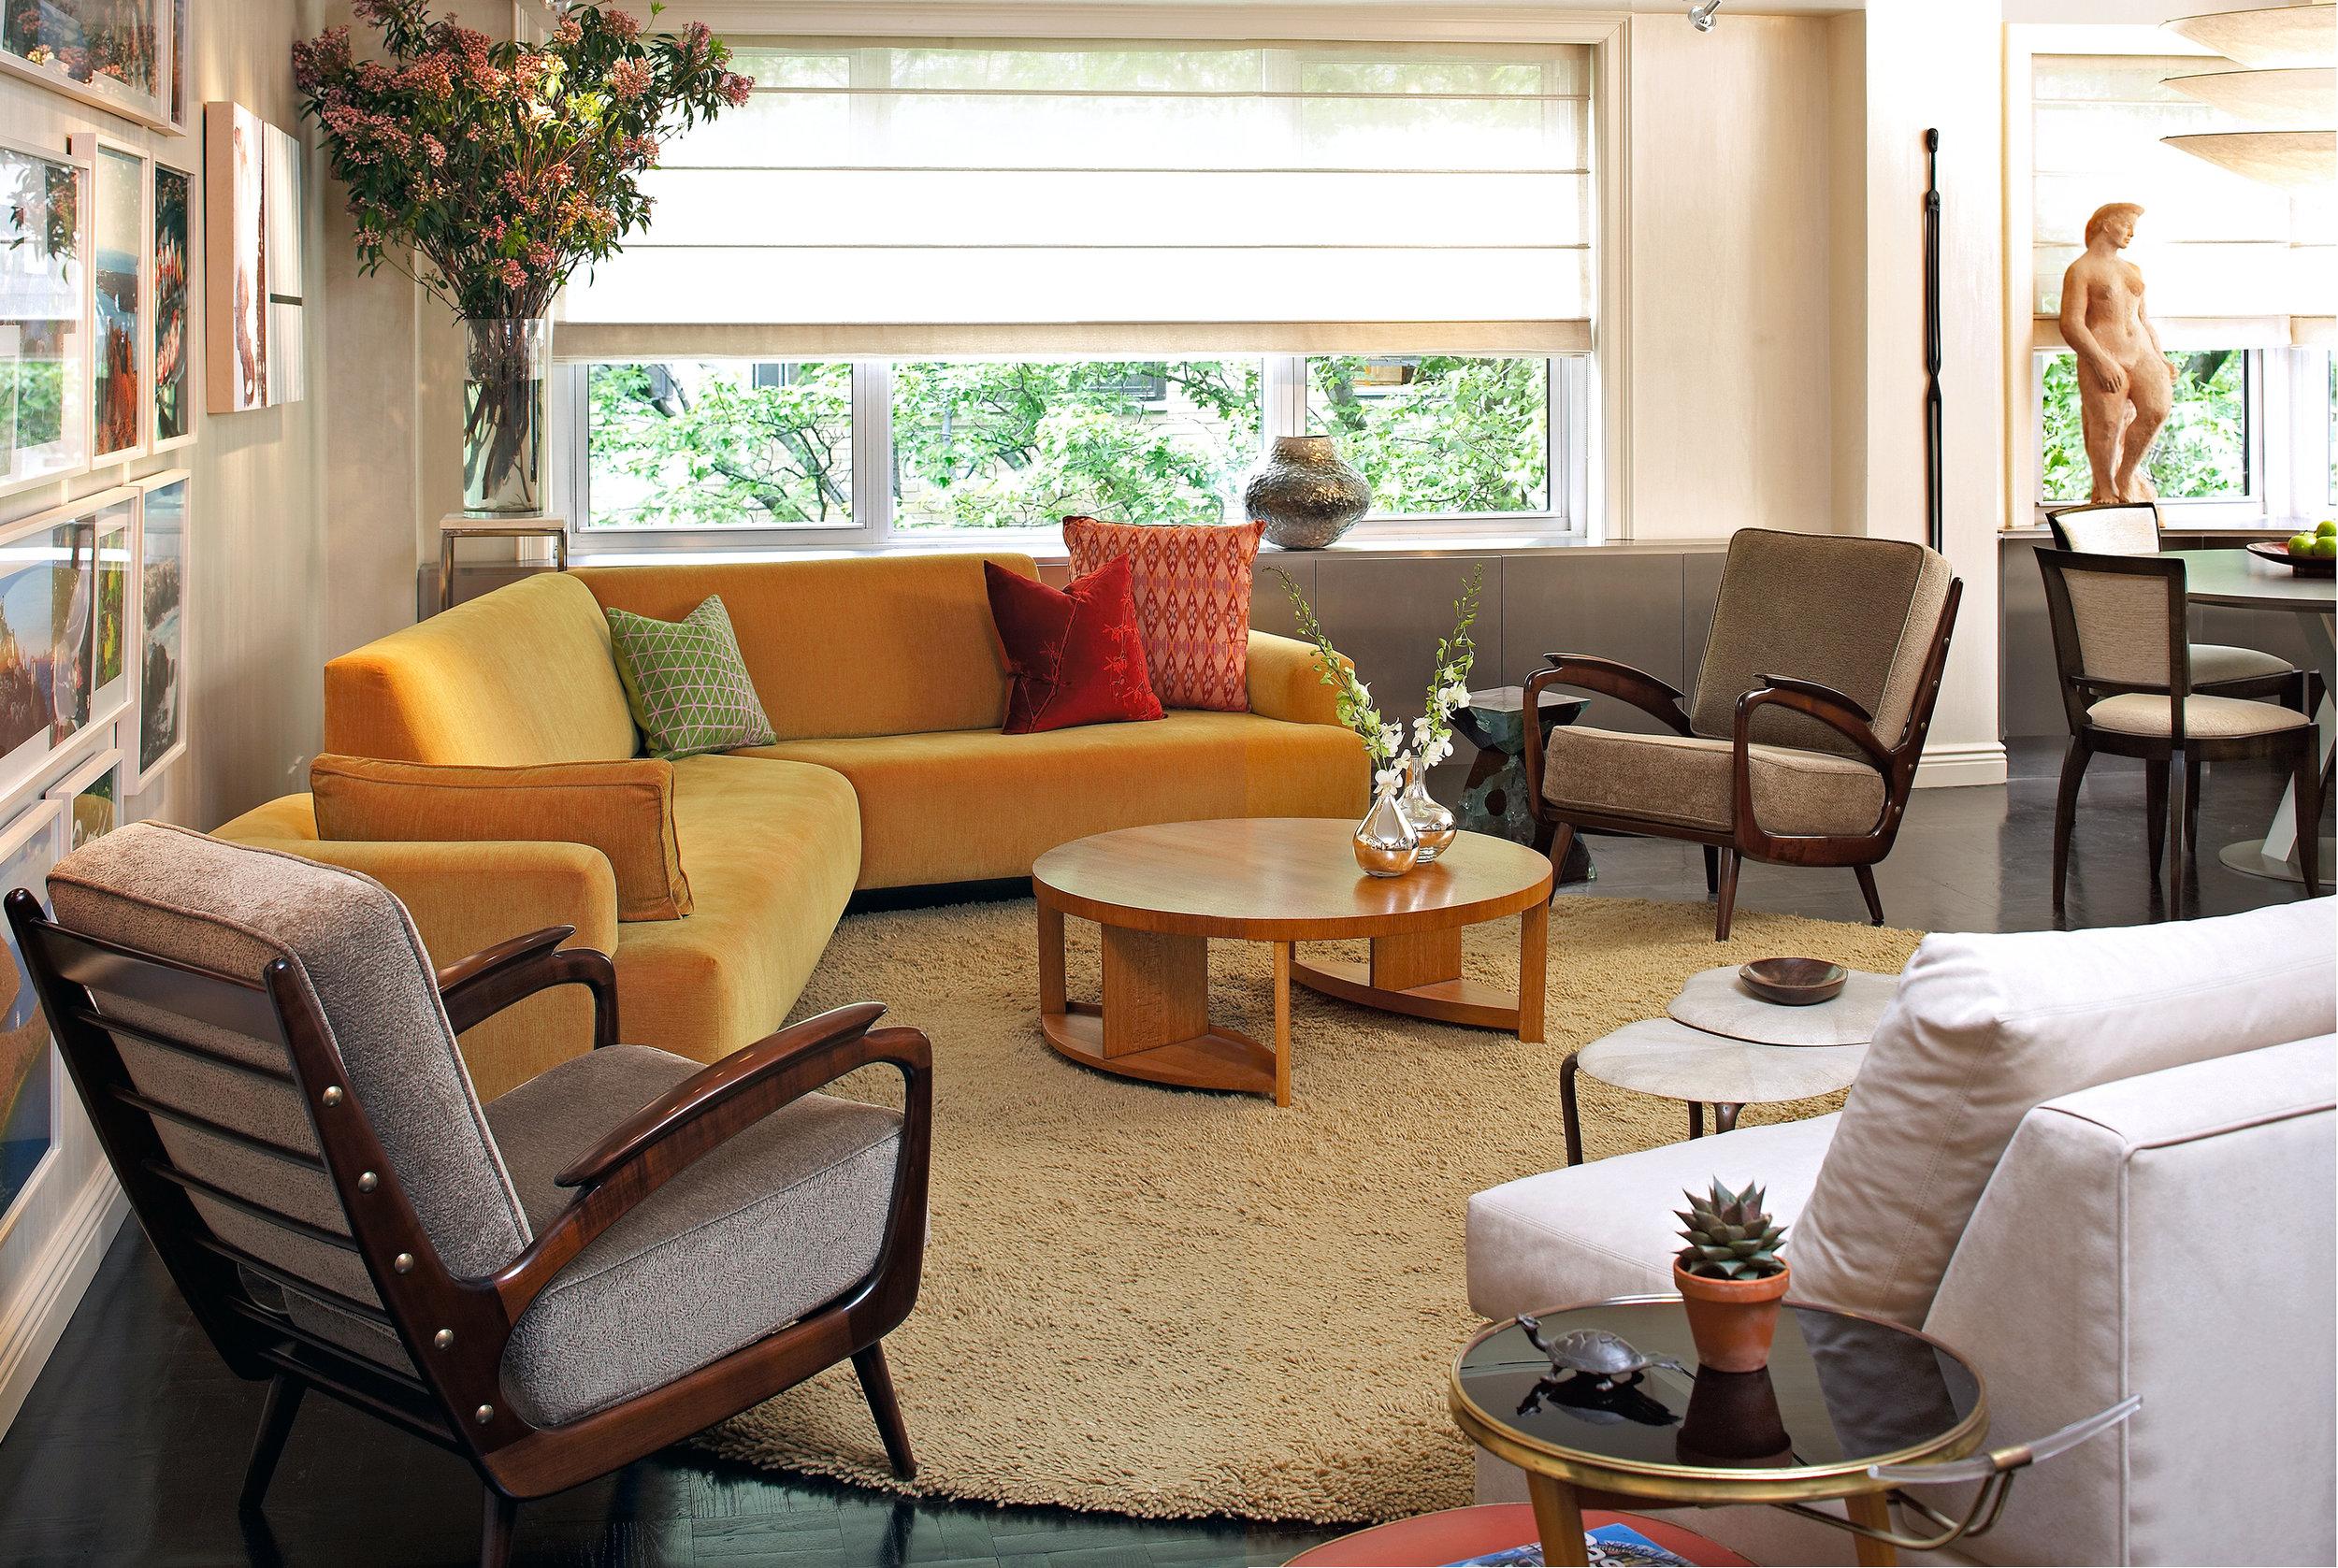 Ratner Residence Living Room #4.jpg